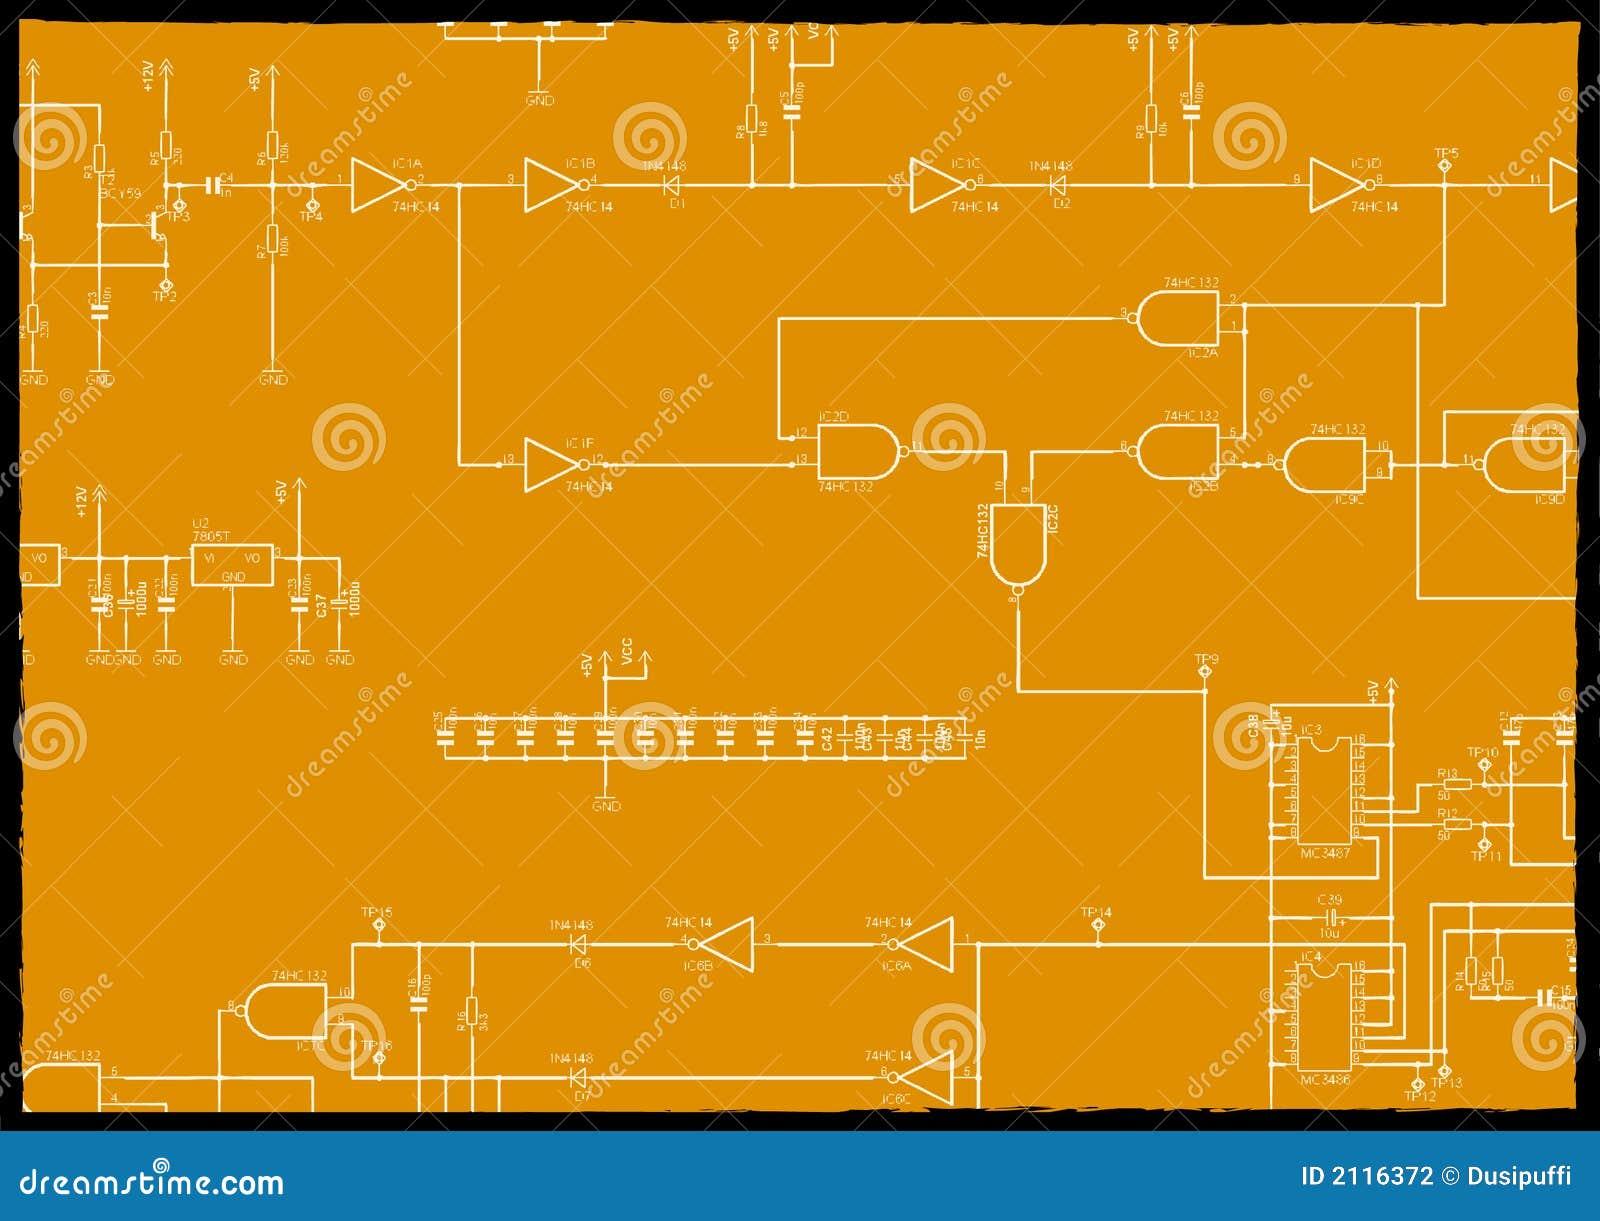 Schema elettronico